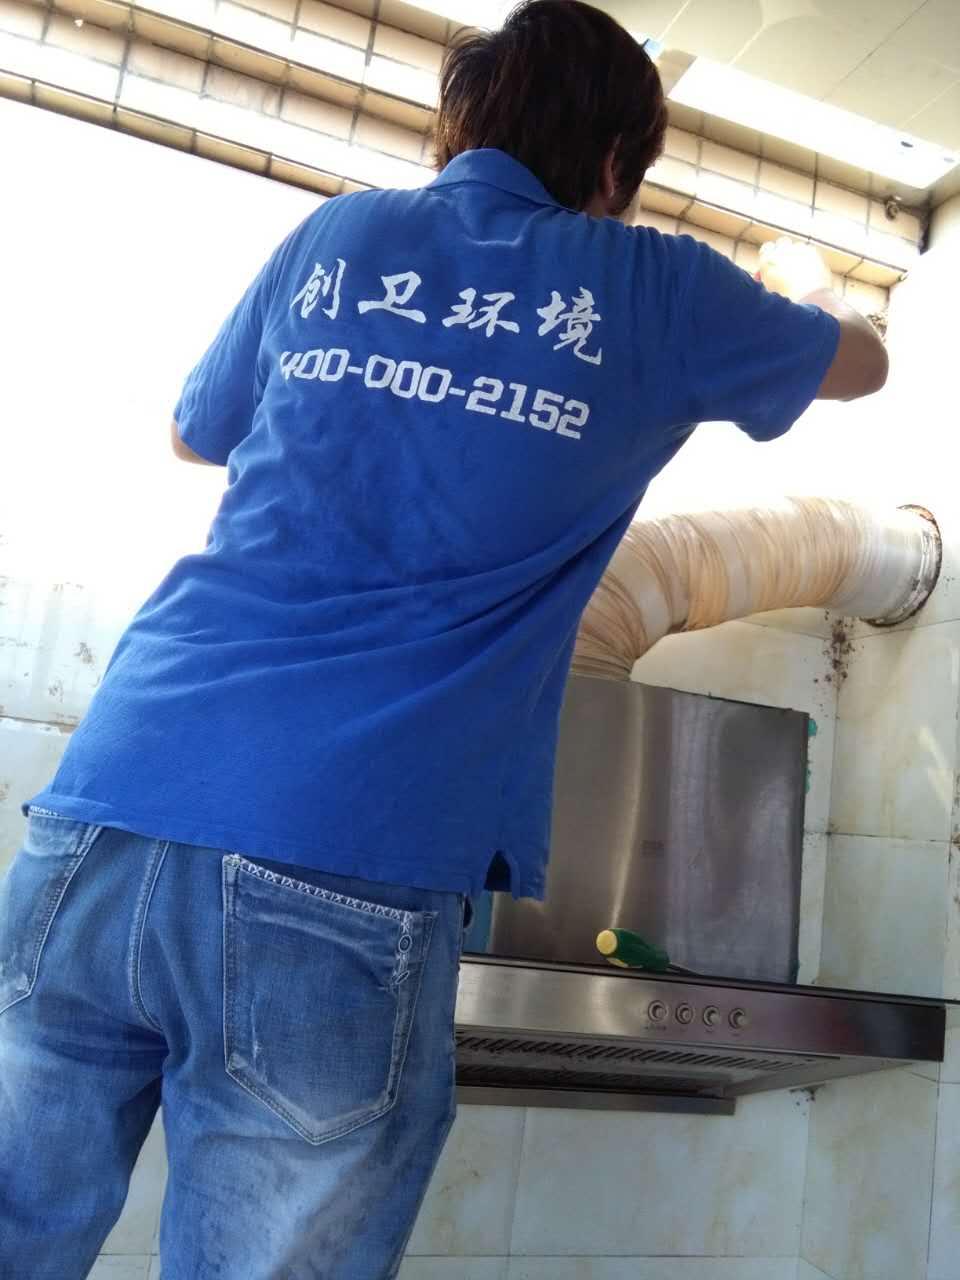 深圳杀虫灭鼠公司和客户对于工作的沟通